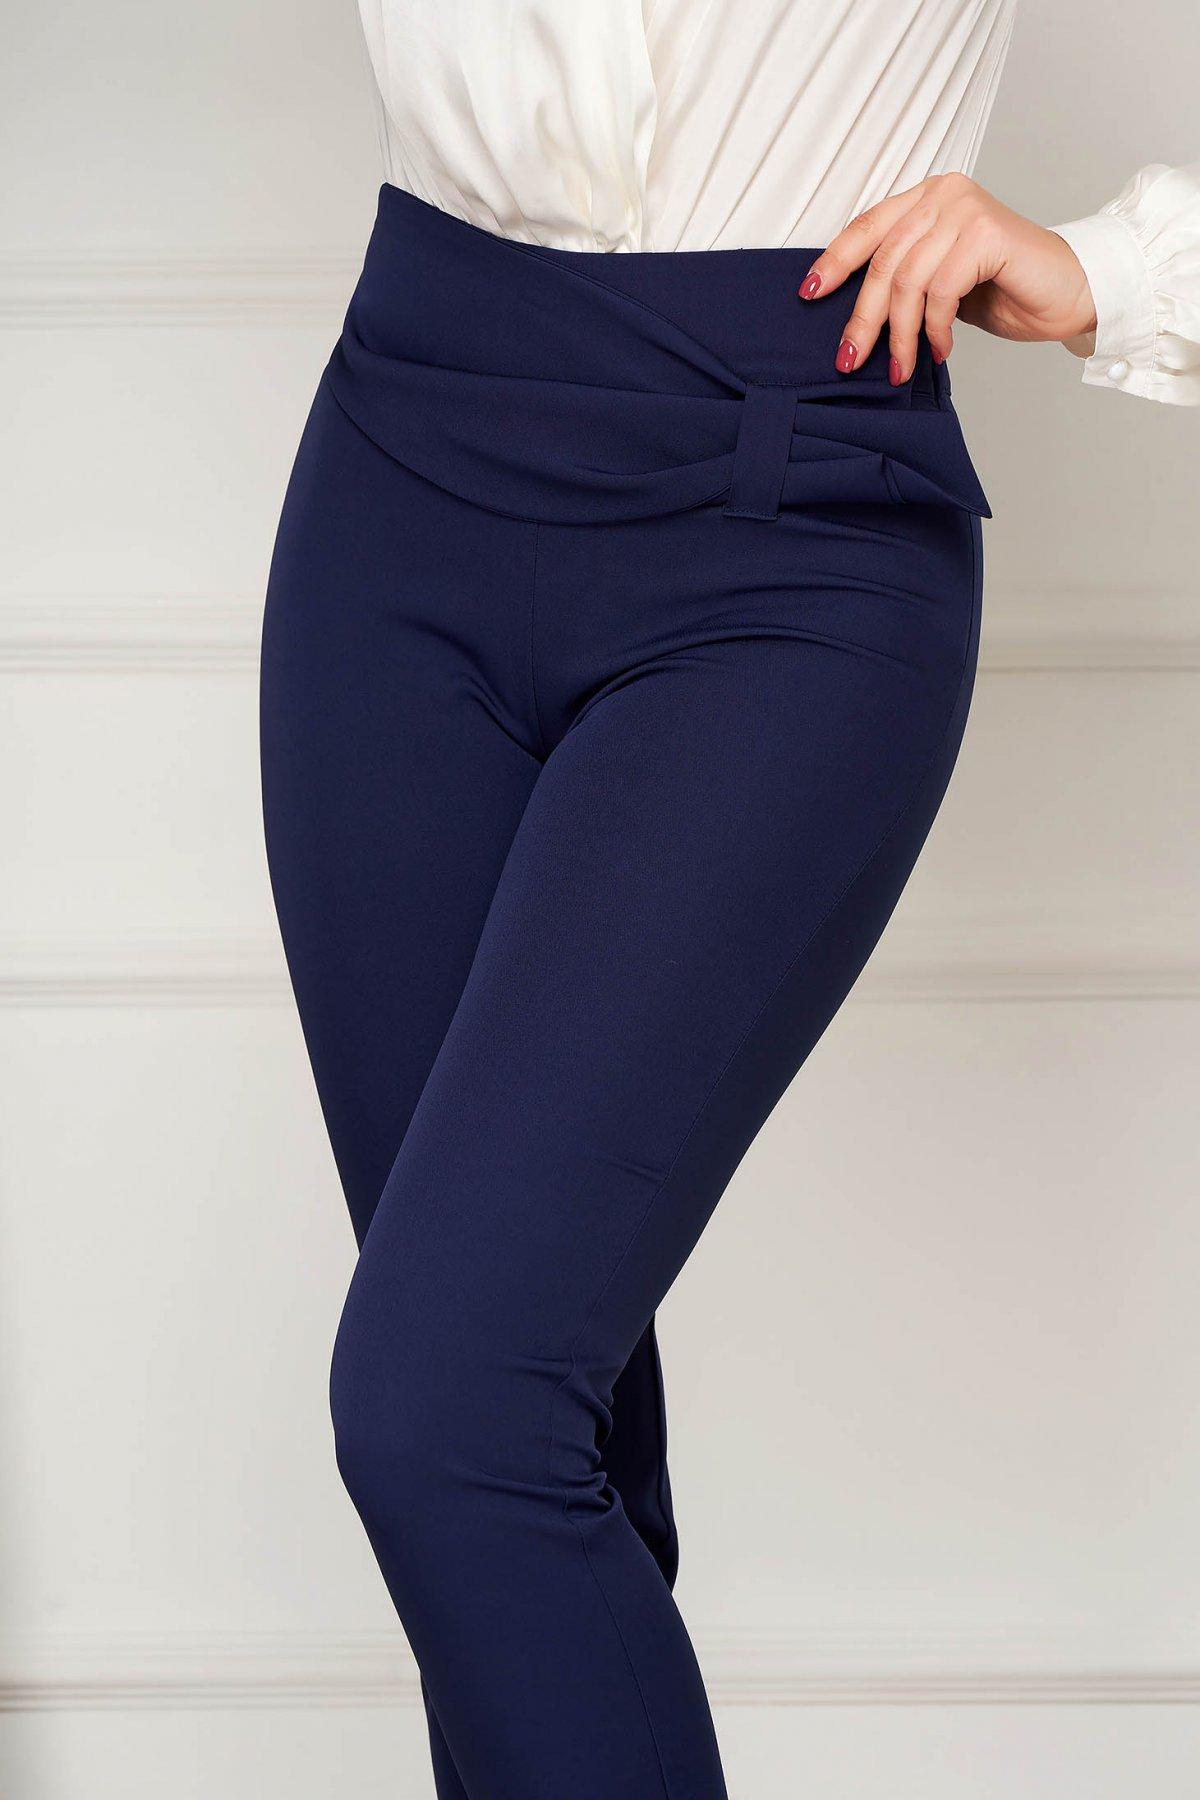 Pantaloni PrettyGirl albastru-inchis eleganti conici cu un croi mulat cu talie inalta din stofa usor elastica imagine